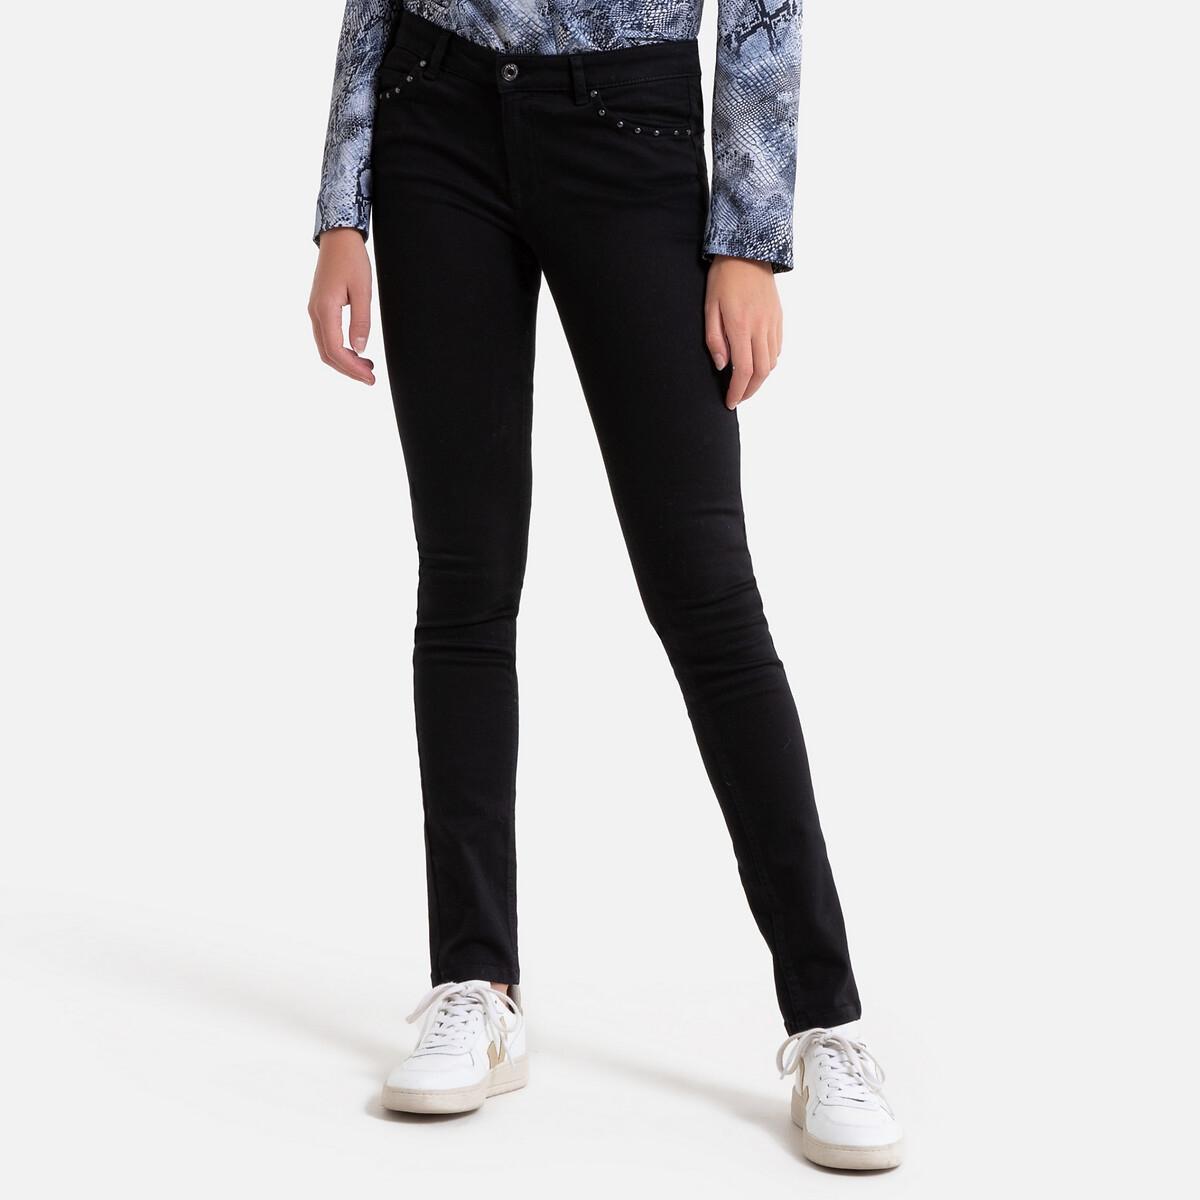 Джинсы La Redoute Узкие SCULPT UP 38 (FR) - 44 (RUS) черный джинсы la redoute узкие для периода беременности 36 fr 42 rus серый